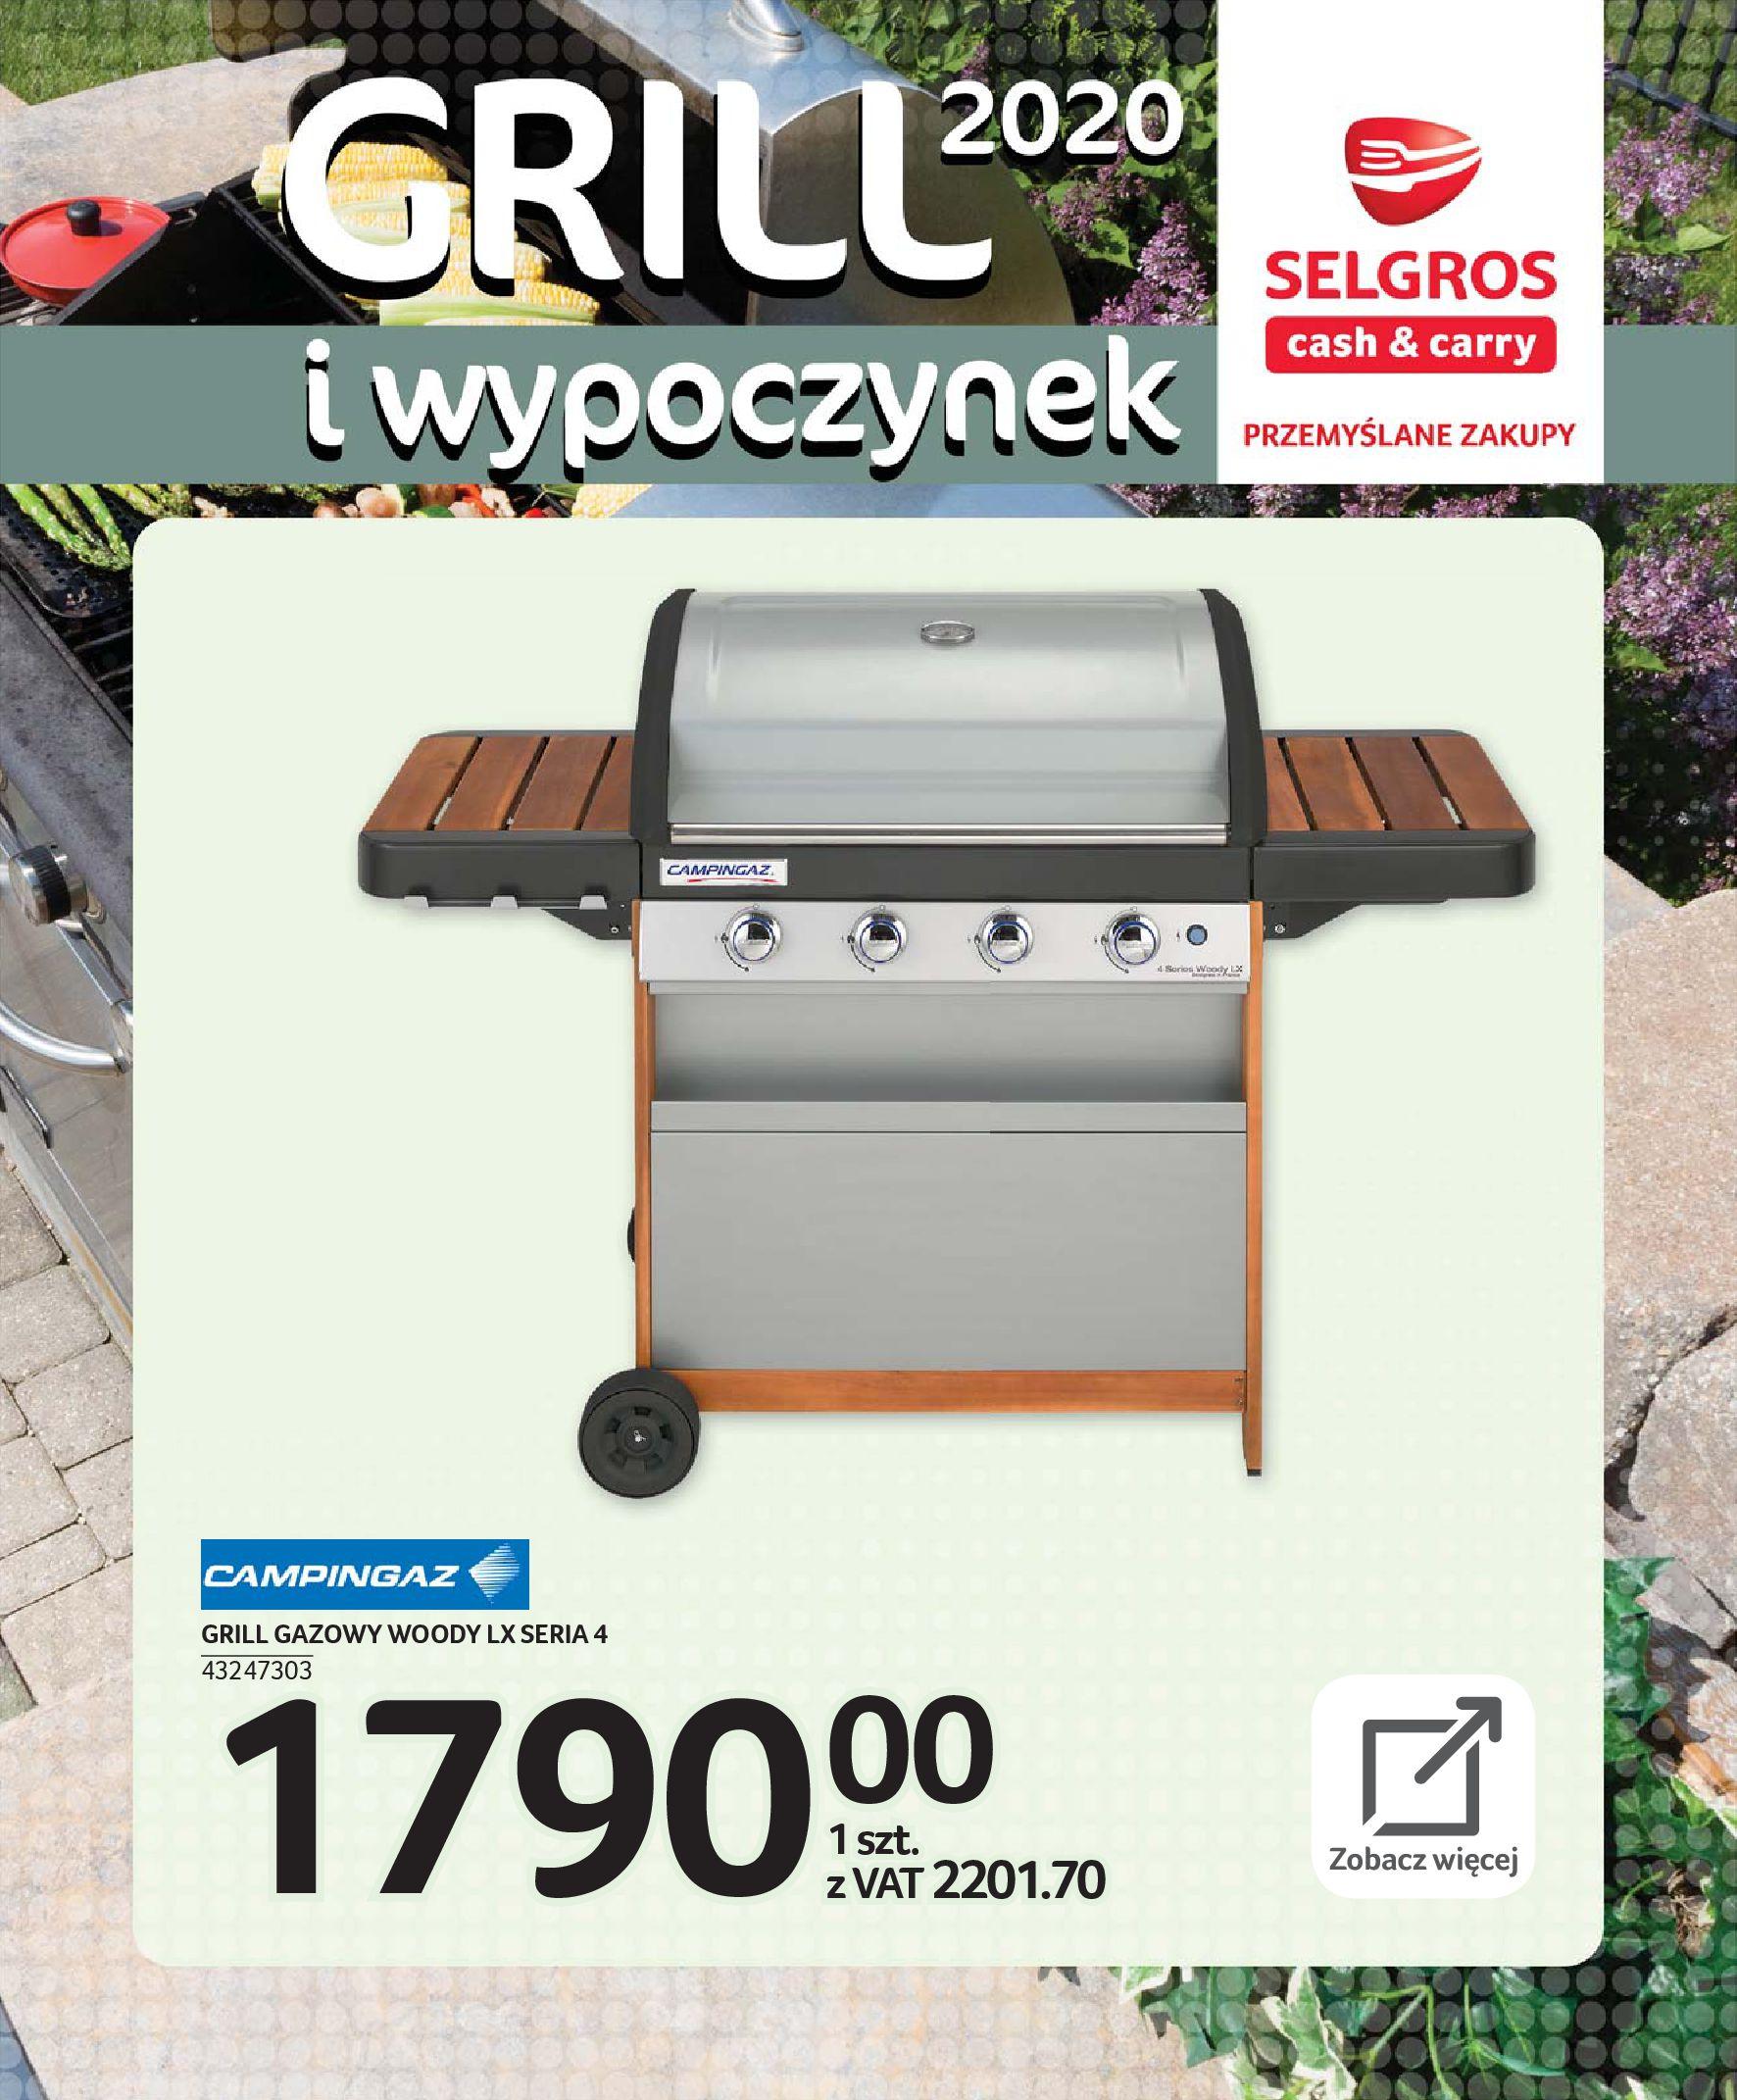 Gazetka Selgros - Katalog - Grill i wypoczynek-31.03.2020-31.08.2020-page-52